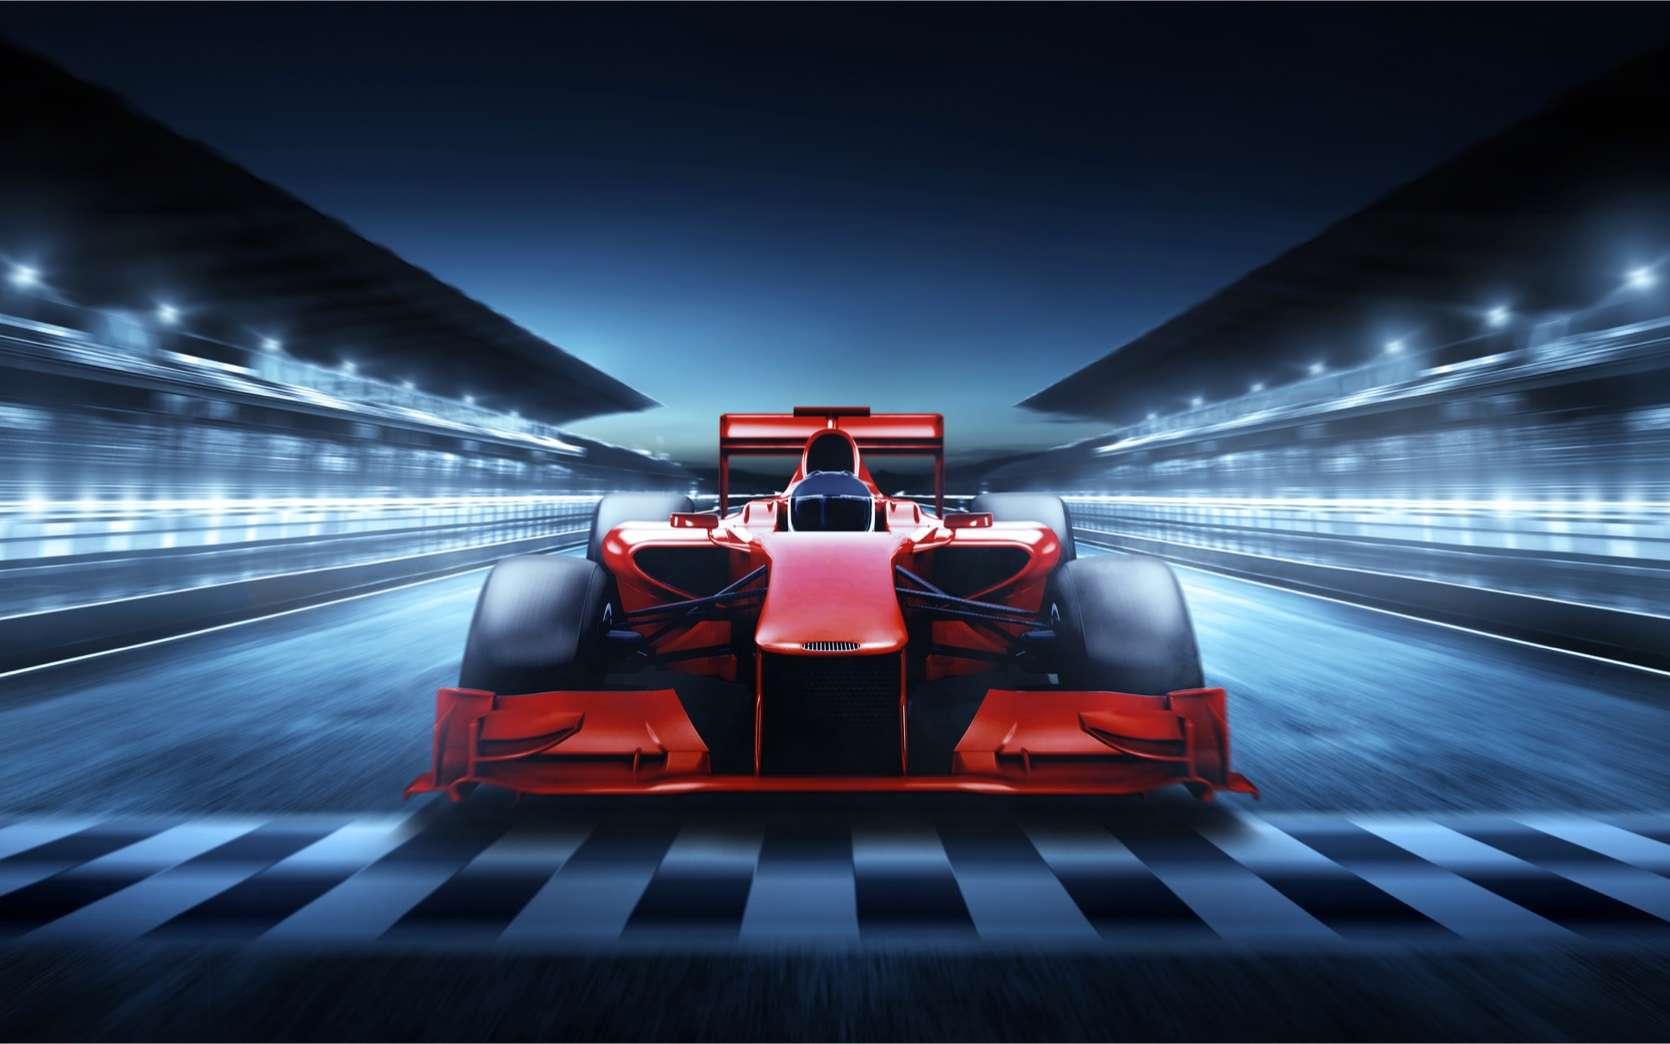 Les carburants des courses automobiles doivent aussi se mettre à l'heure de la transition énergétique. © Image Craft, Adobe Stock